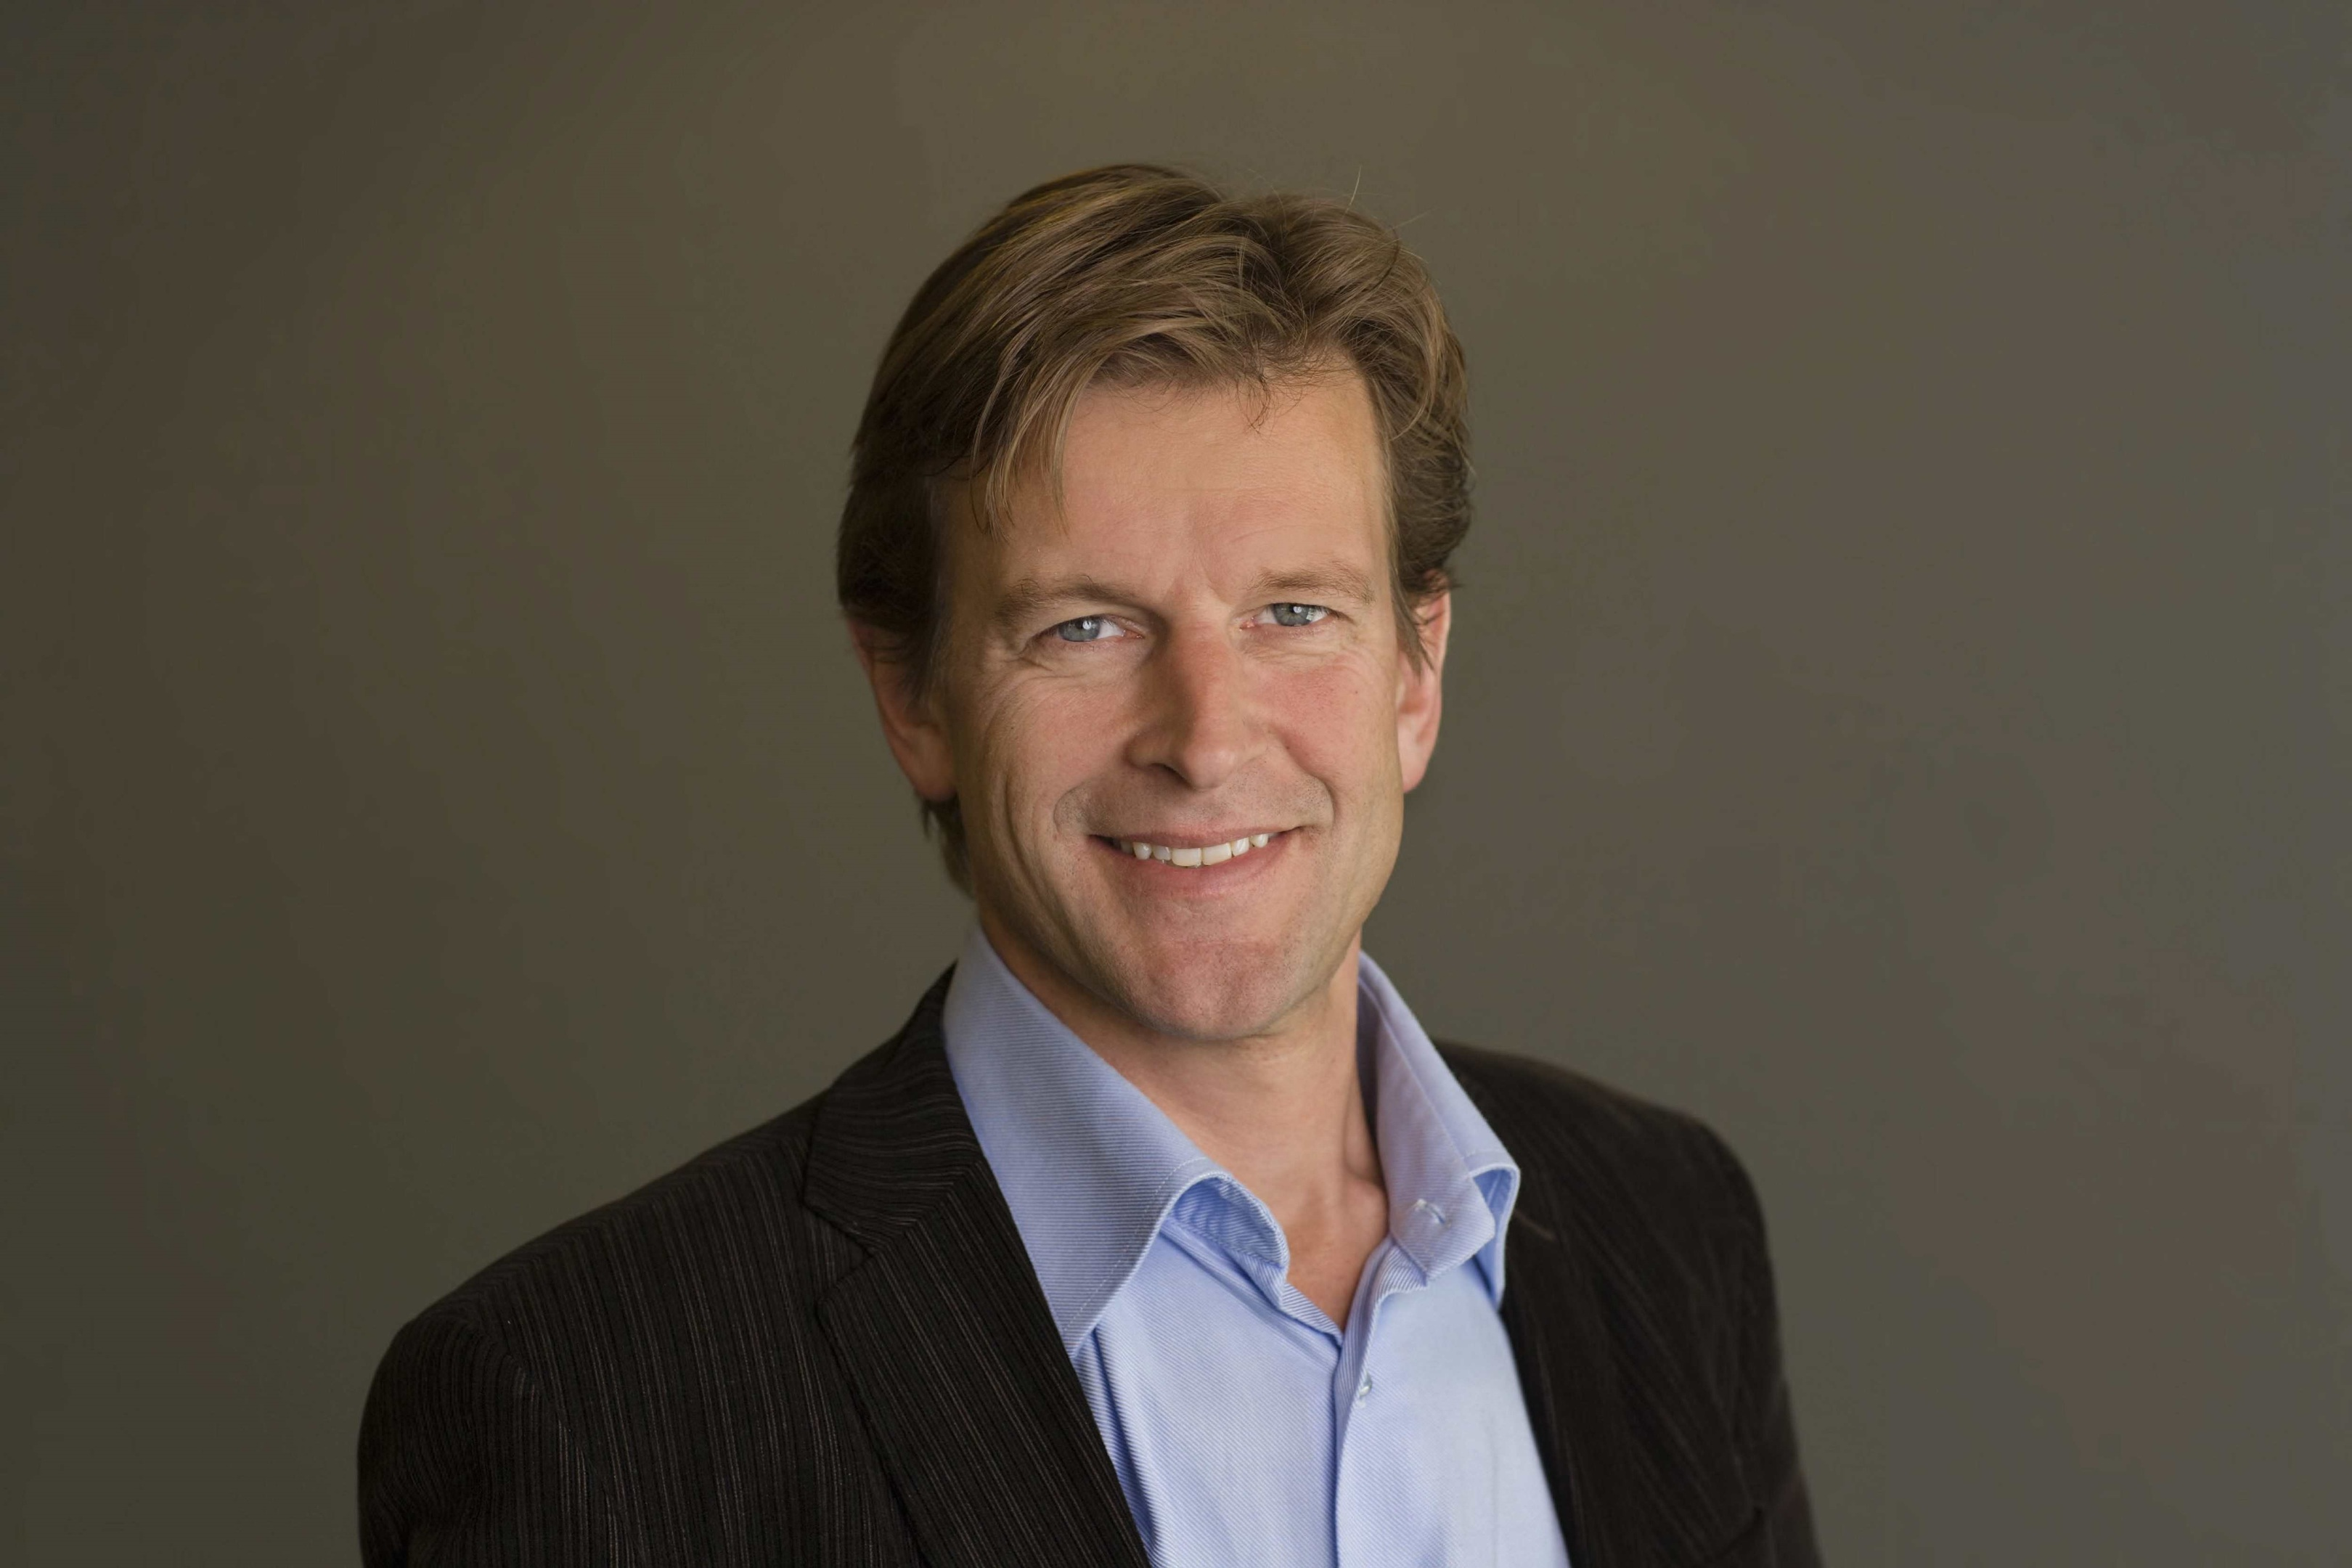 Ola Morten, head of communications for Statoil